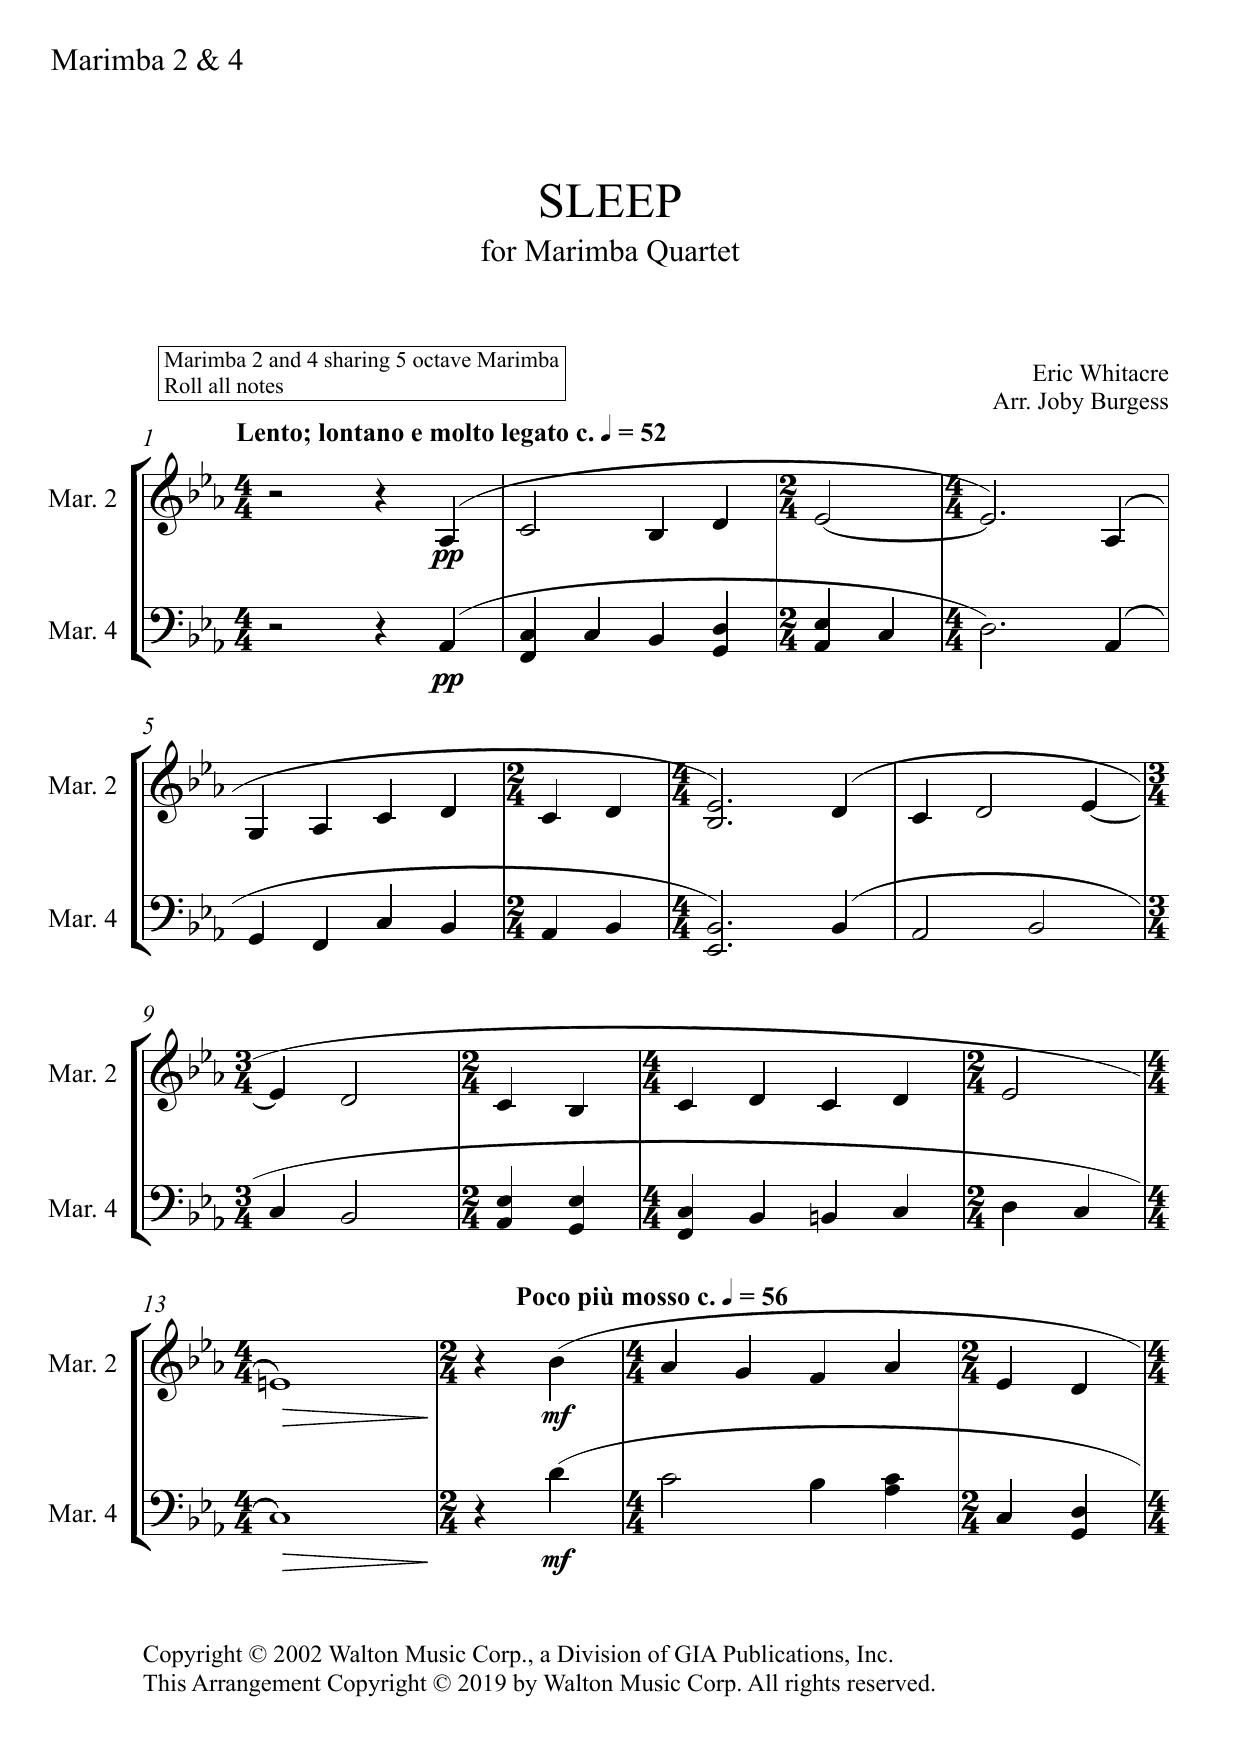 Sleep for Marimba Quartet (arr. Joby Burgess) - MARIMBA 2 & 4 Sheet Music